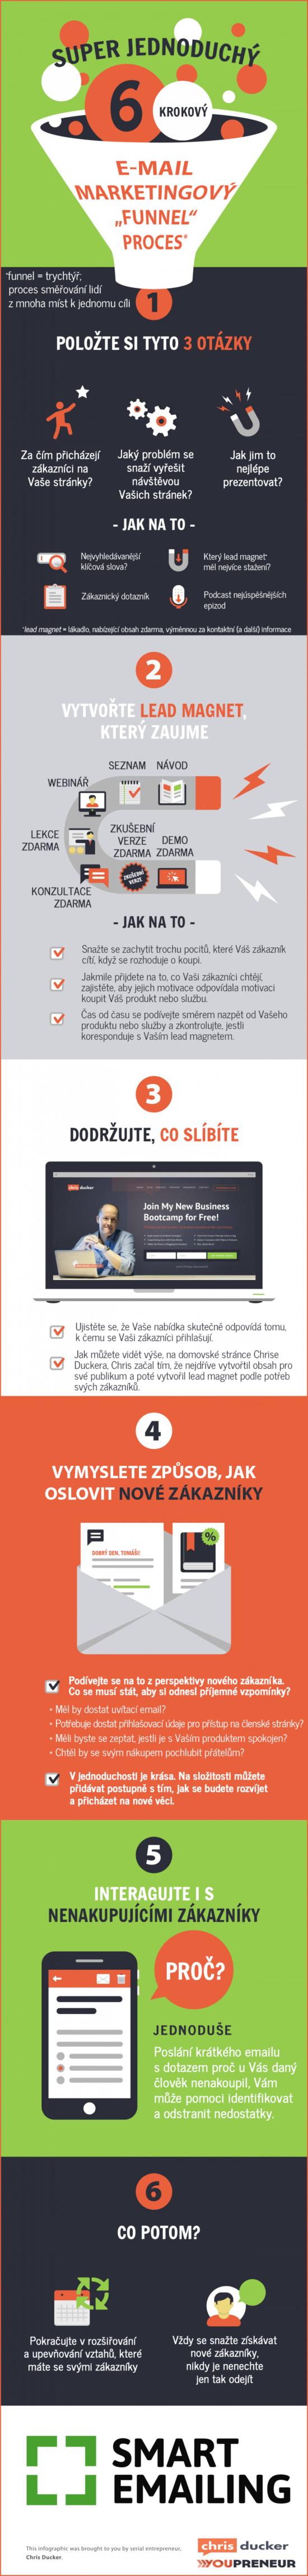 Šest jednoduchých kroků e-mail marketingového funnelu – Infografika